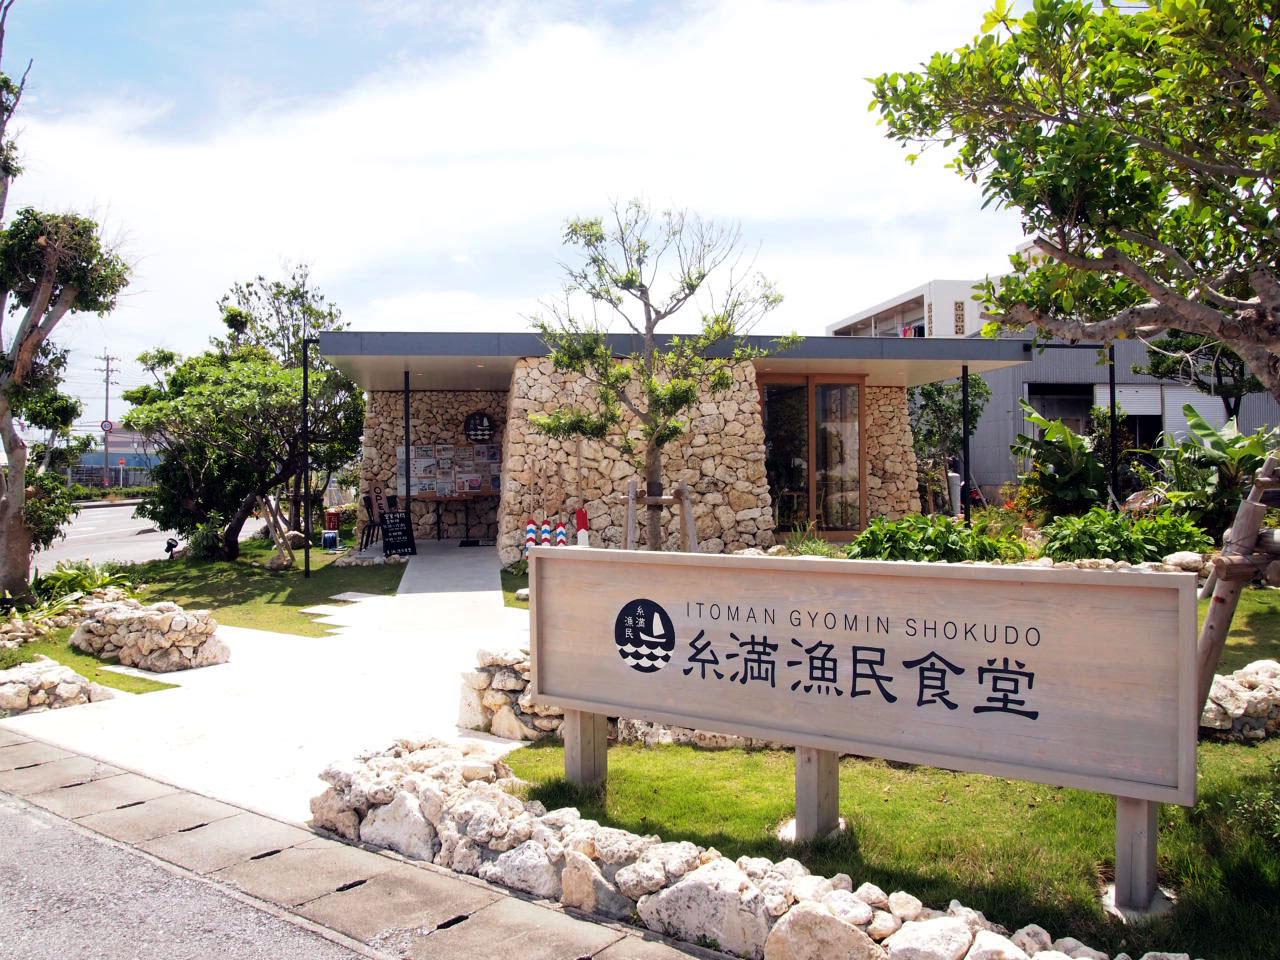 楽しく飲んで食べて南国気分を味わおう!沖縄の居酒屋おすすめランキング 人気5選